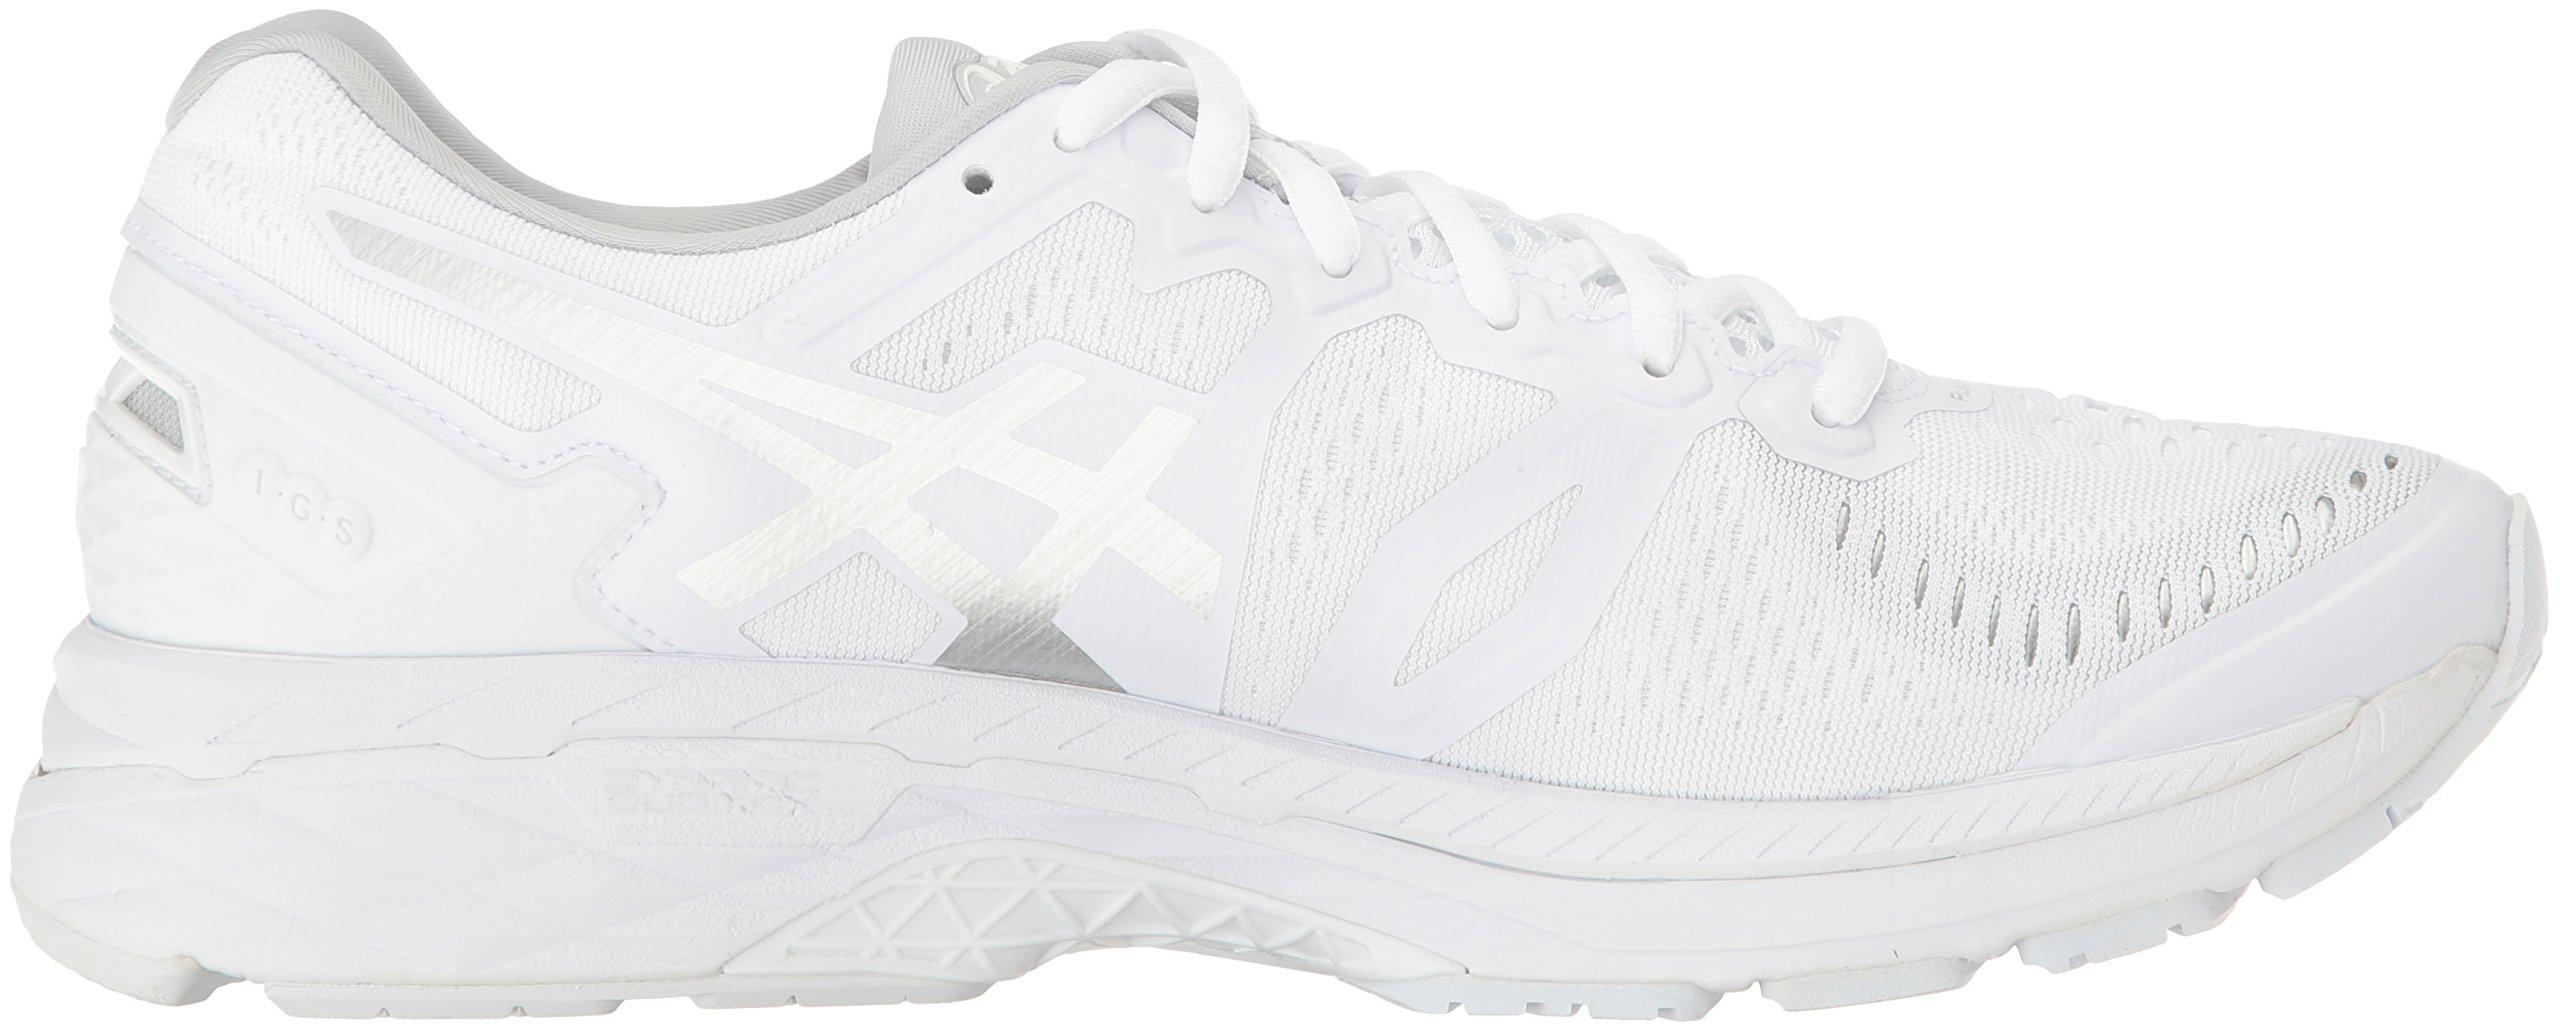 71BJ%2BKiEAHL - ASICS Men's Gel-Kayano 23 Running Shoe